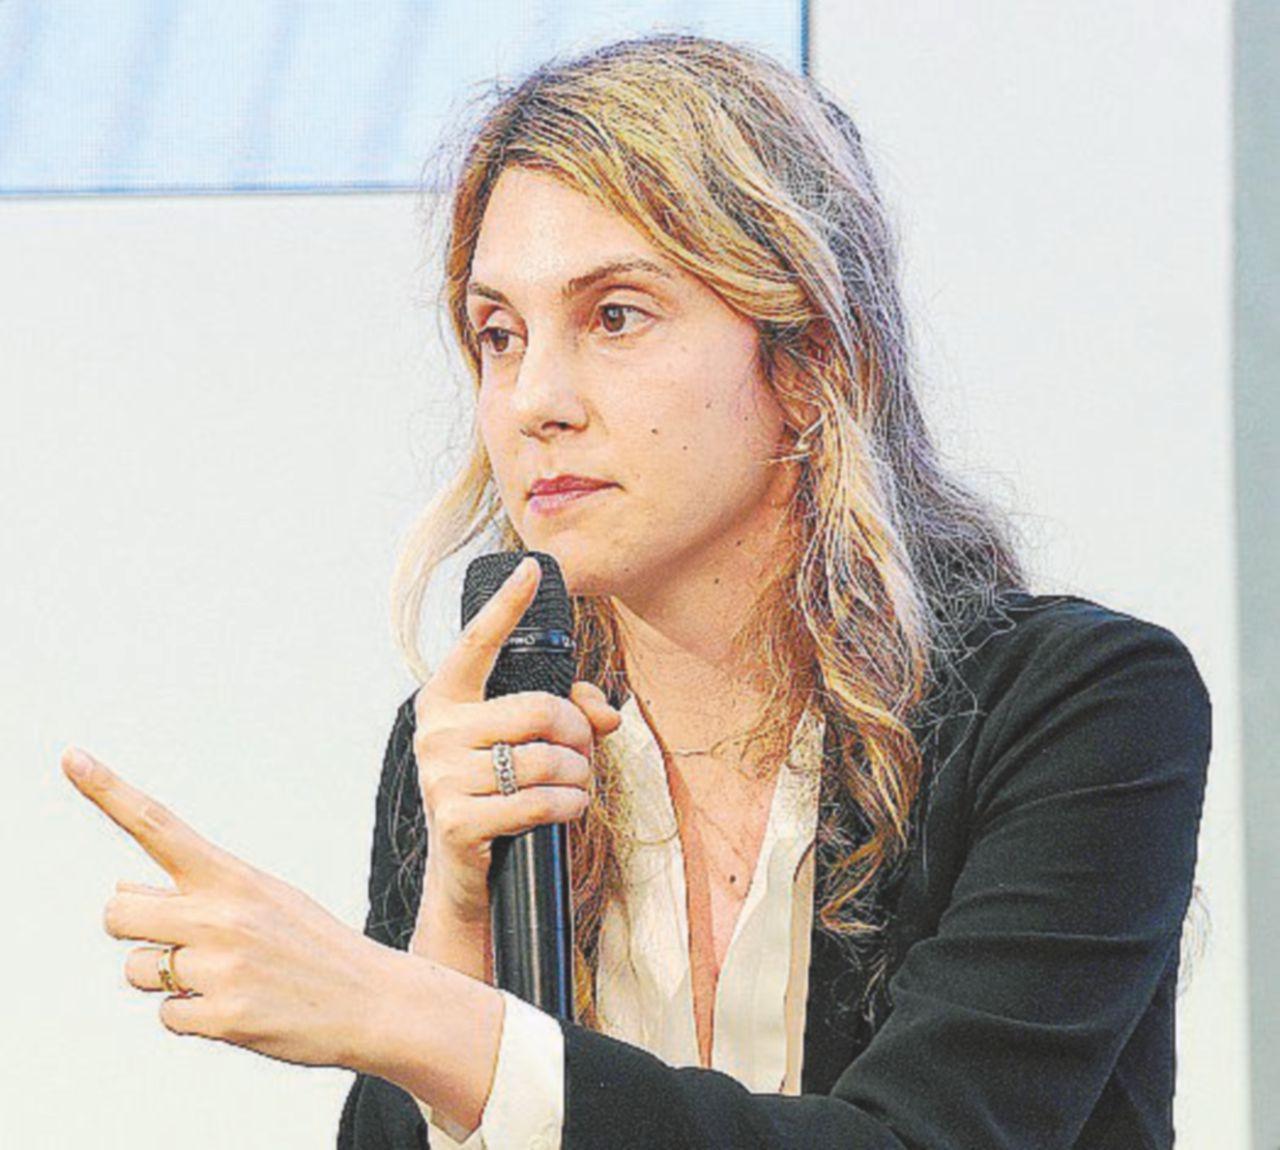 Niente da fare: politica e media tutti zitti sullo scandalo Madia